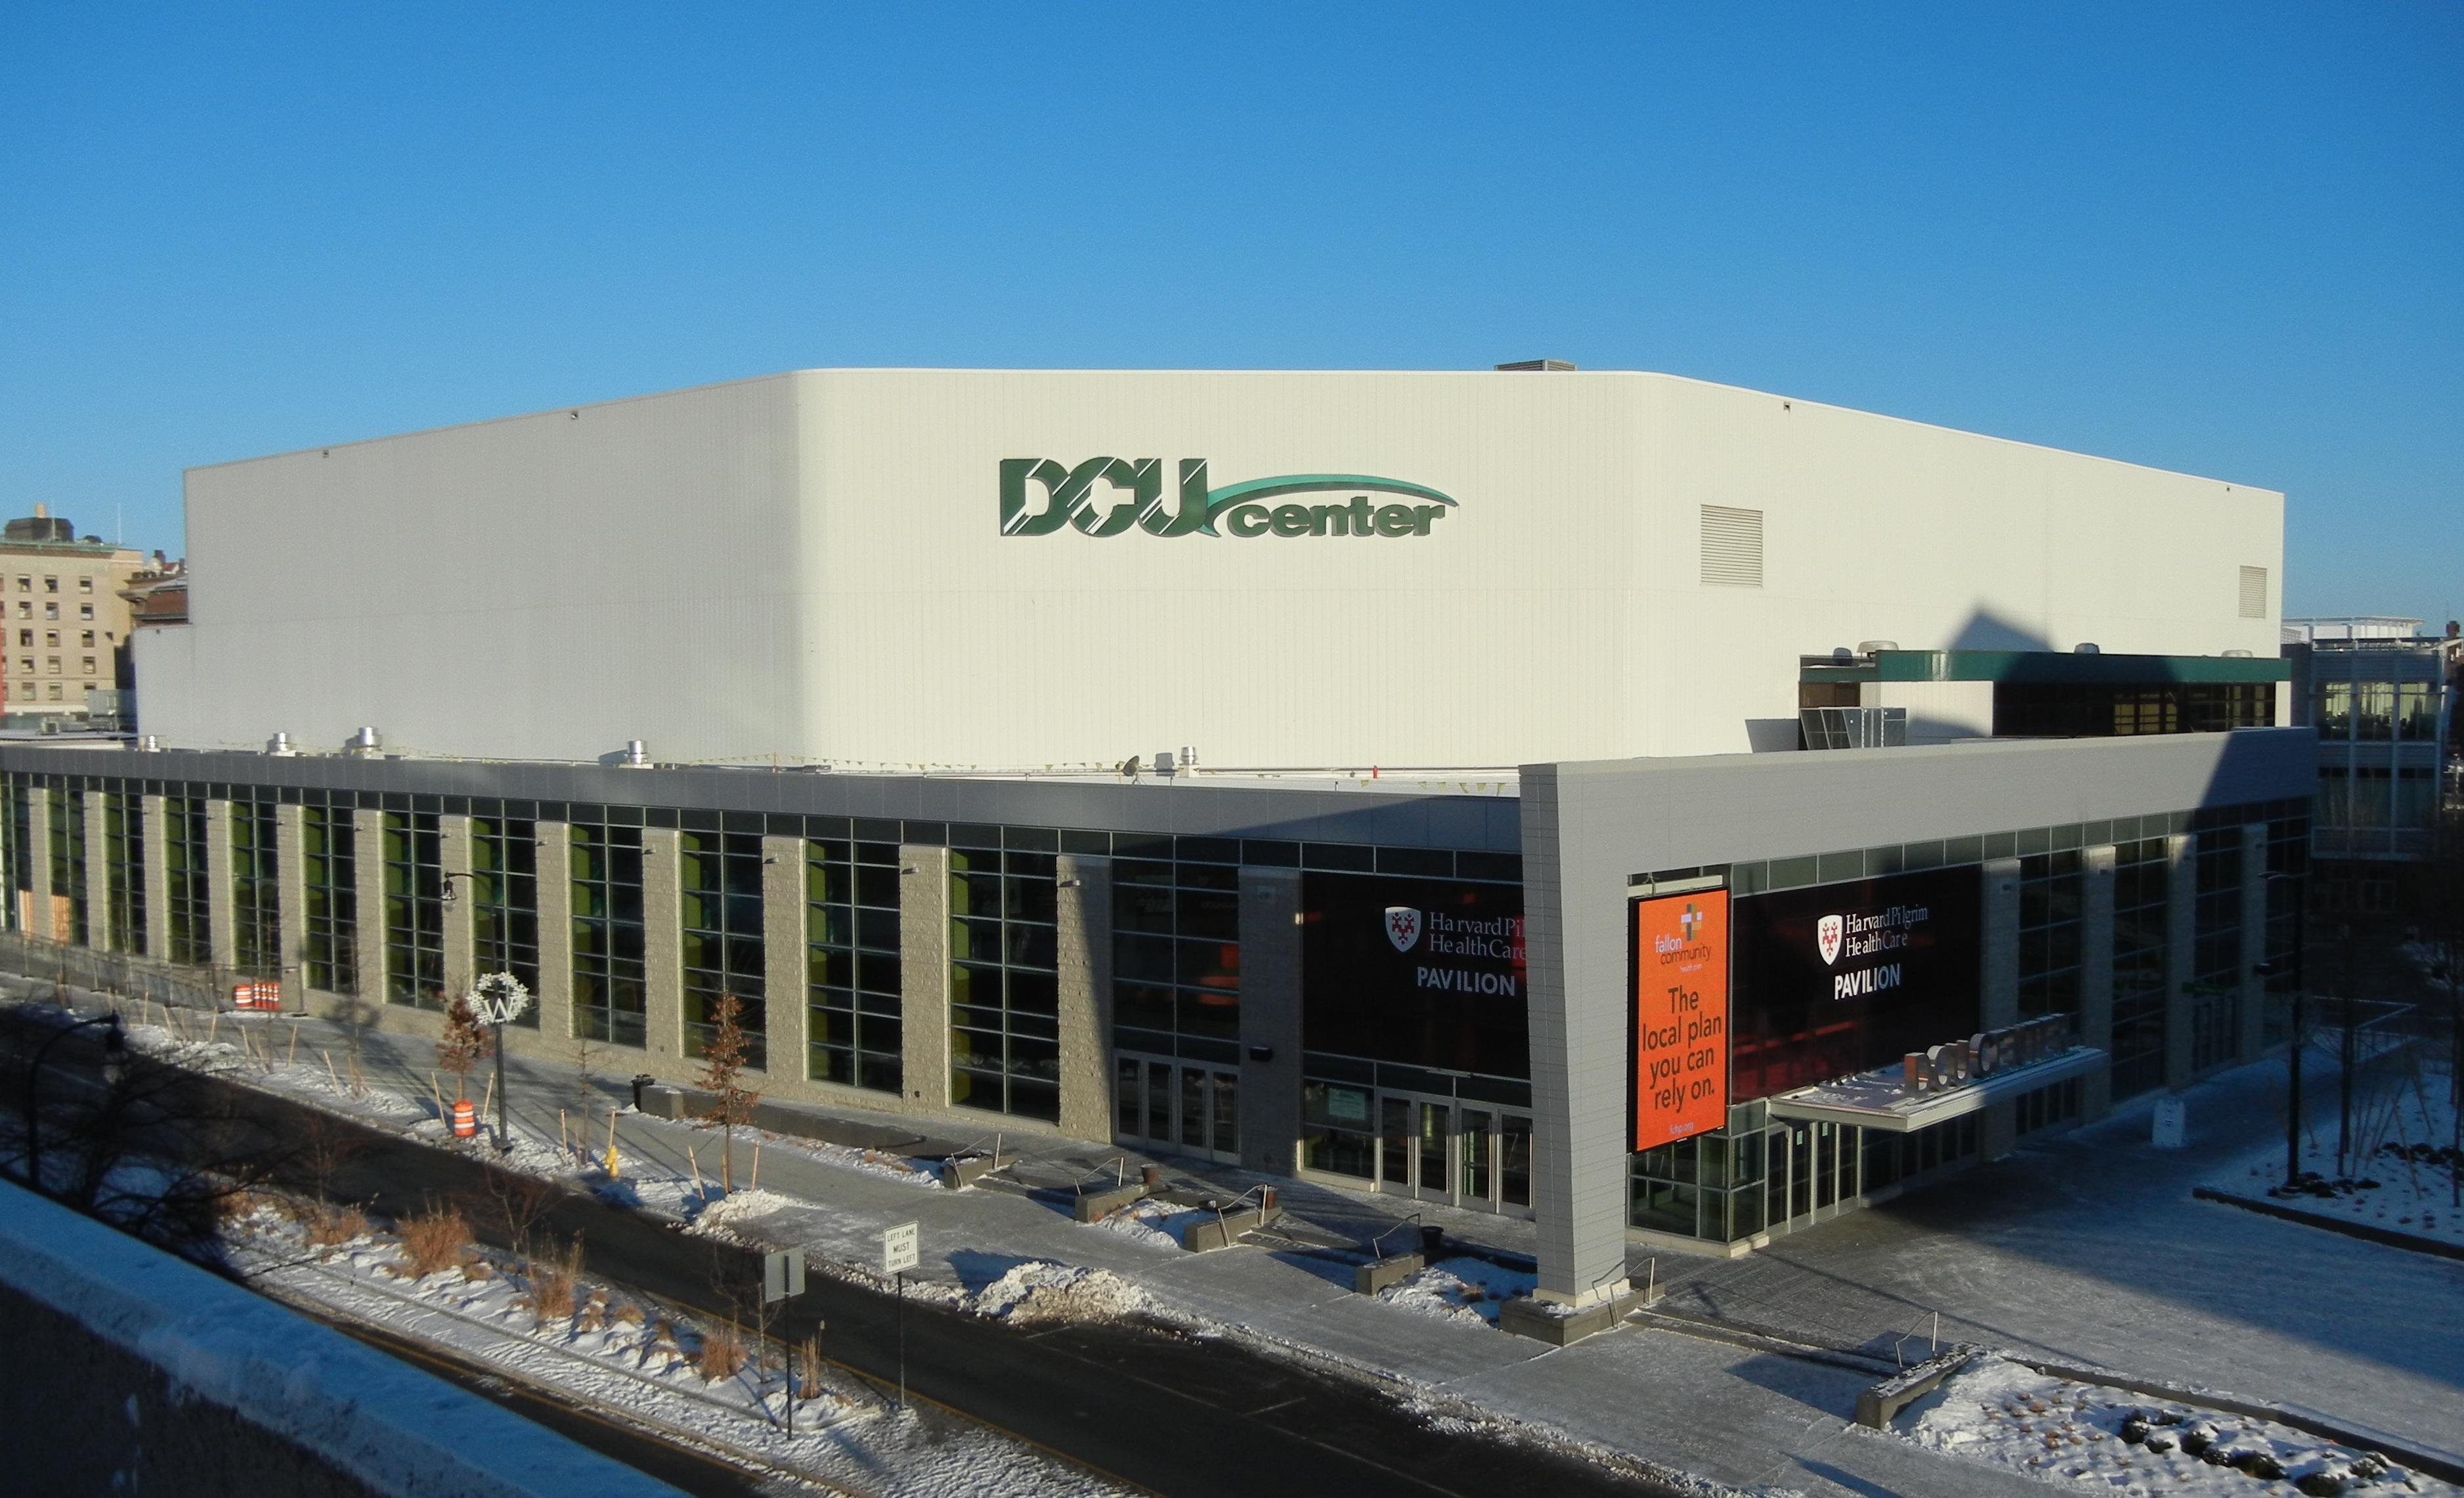 DCU_Center_-_Worcester%2C_Massachusetts_USA.JPG